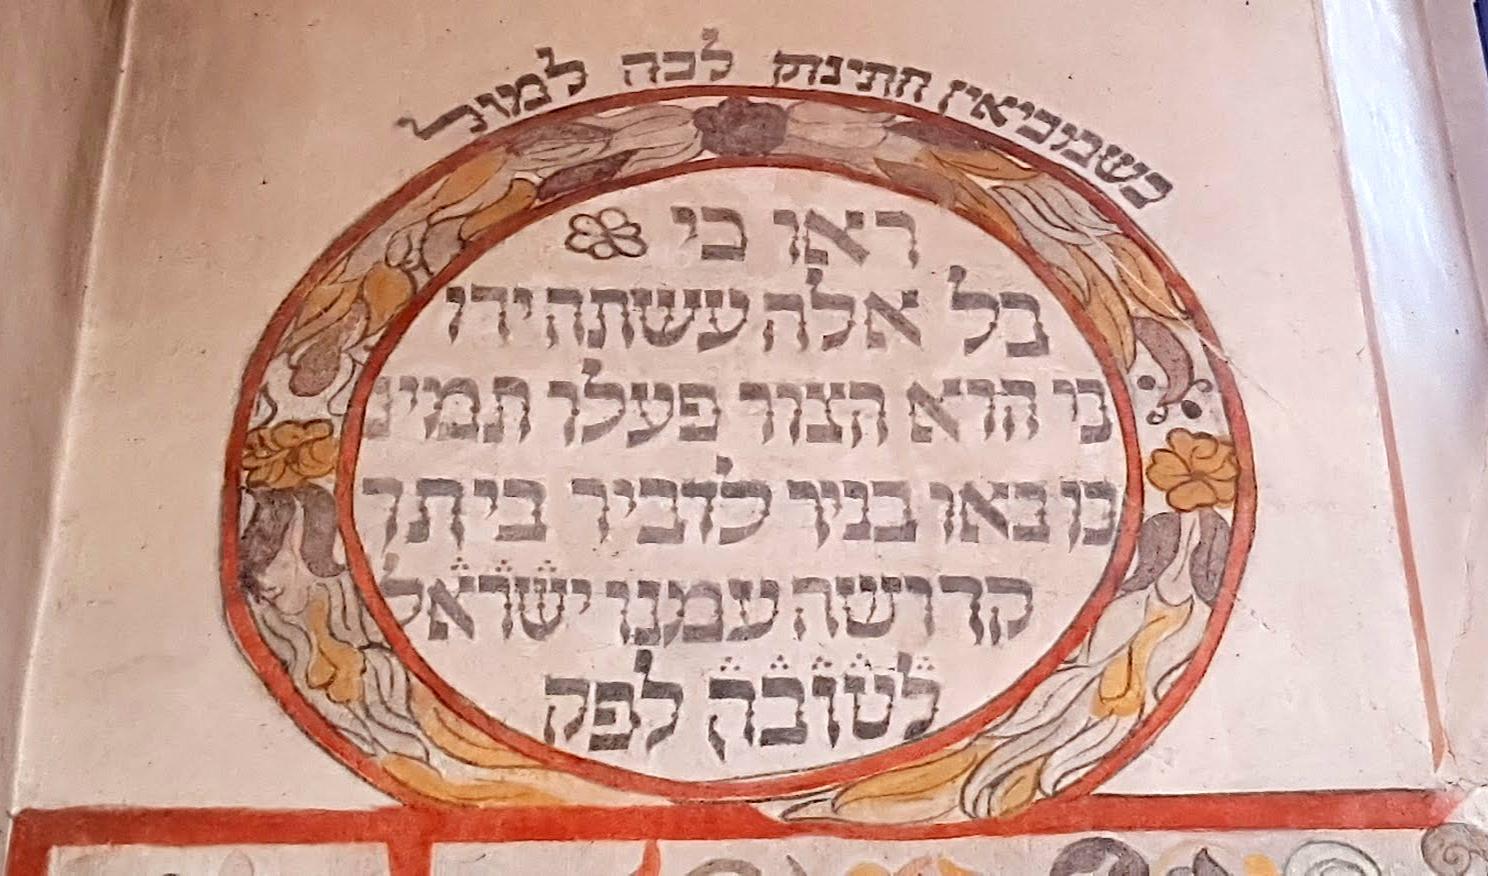 בית הכנסת בטיקוצ'ין